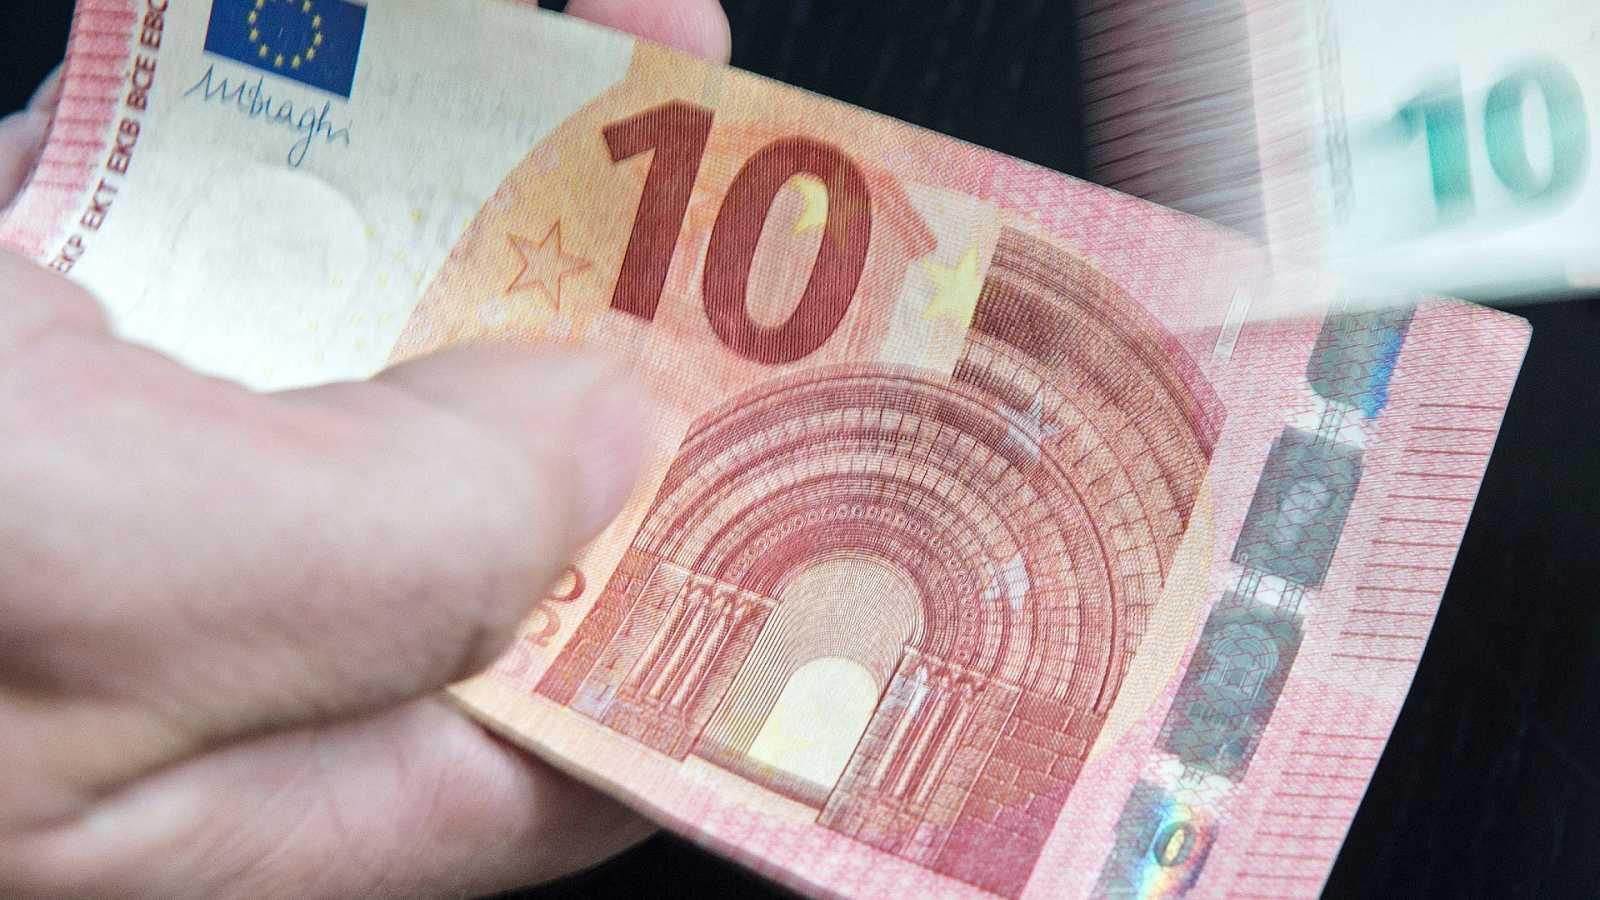 ¿Cómo detectar los billetes falsos?